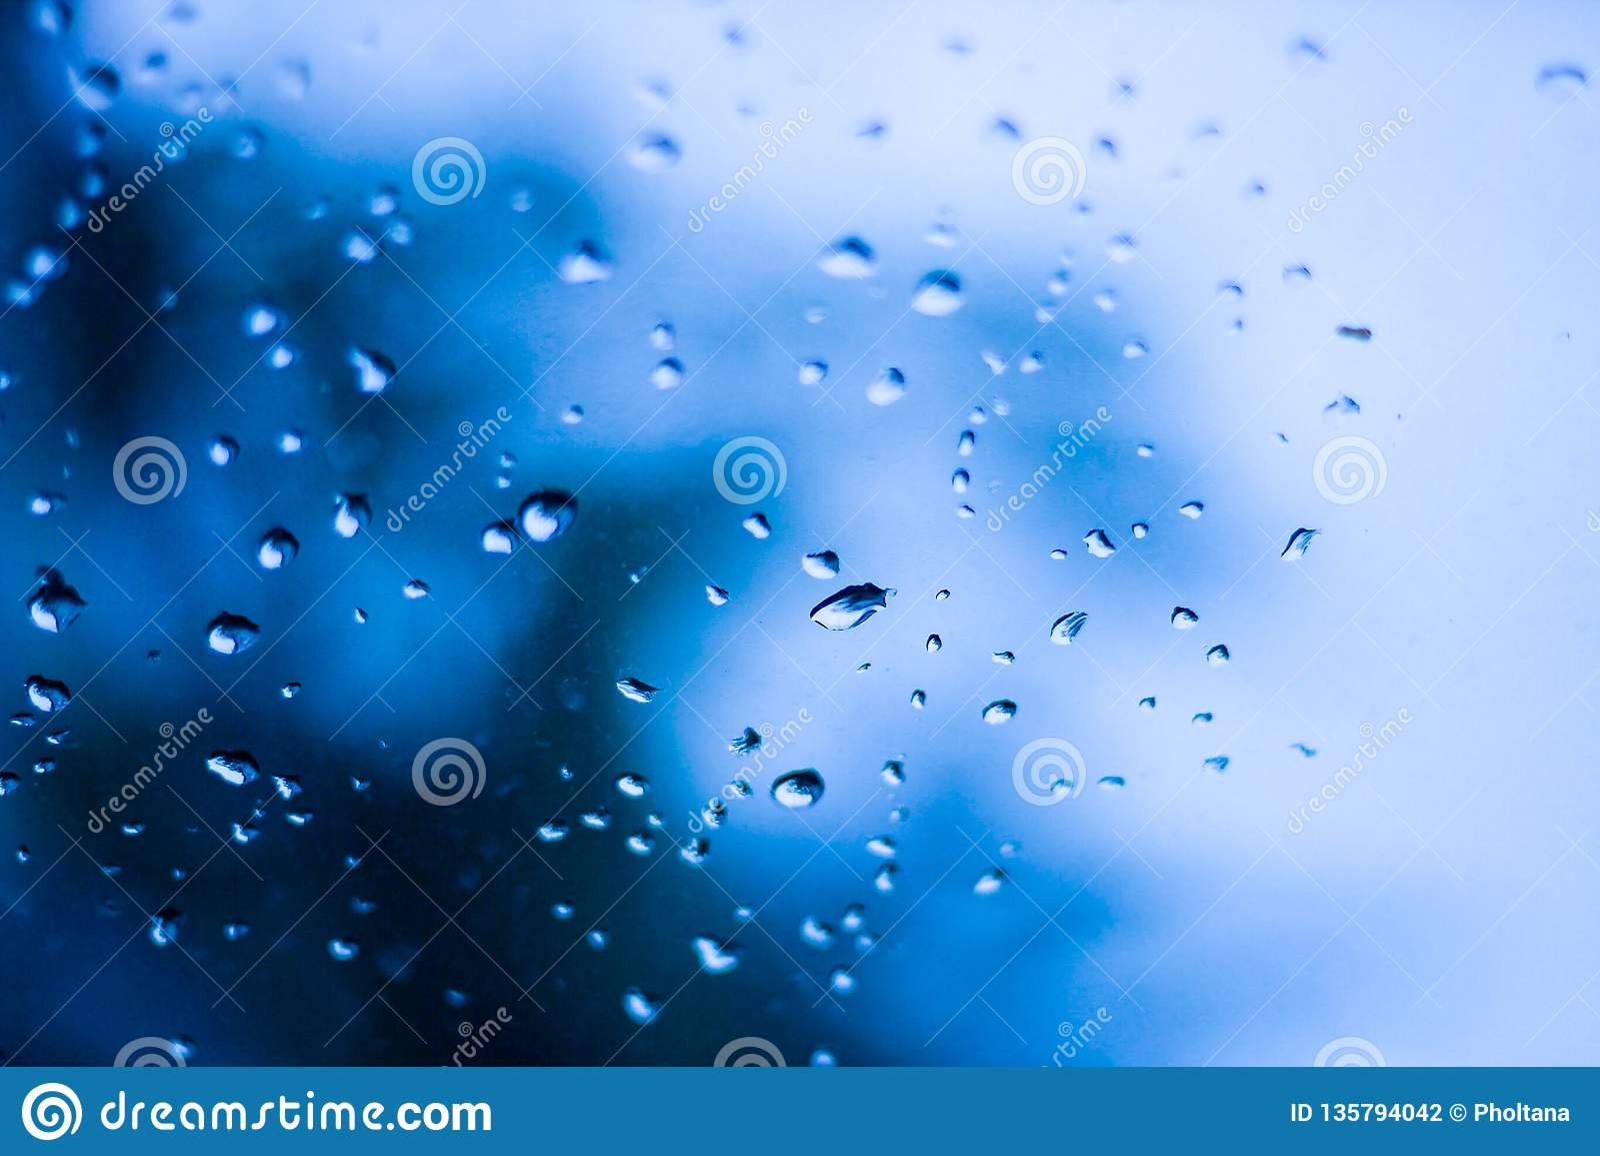 Des gouttelettes d eau sont provoquées par des gouttelettes de pluie en verre clair